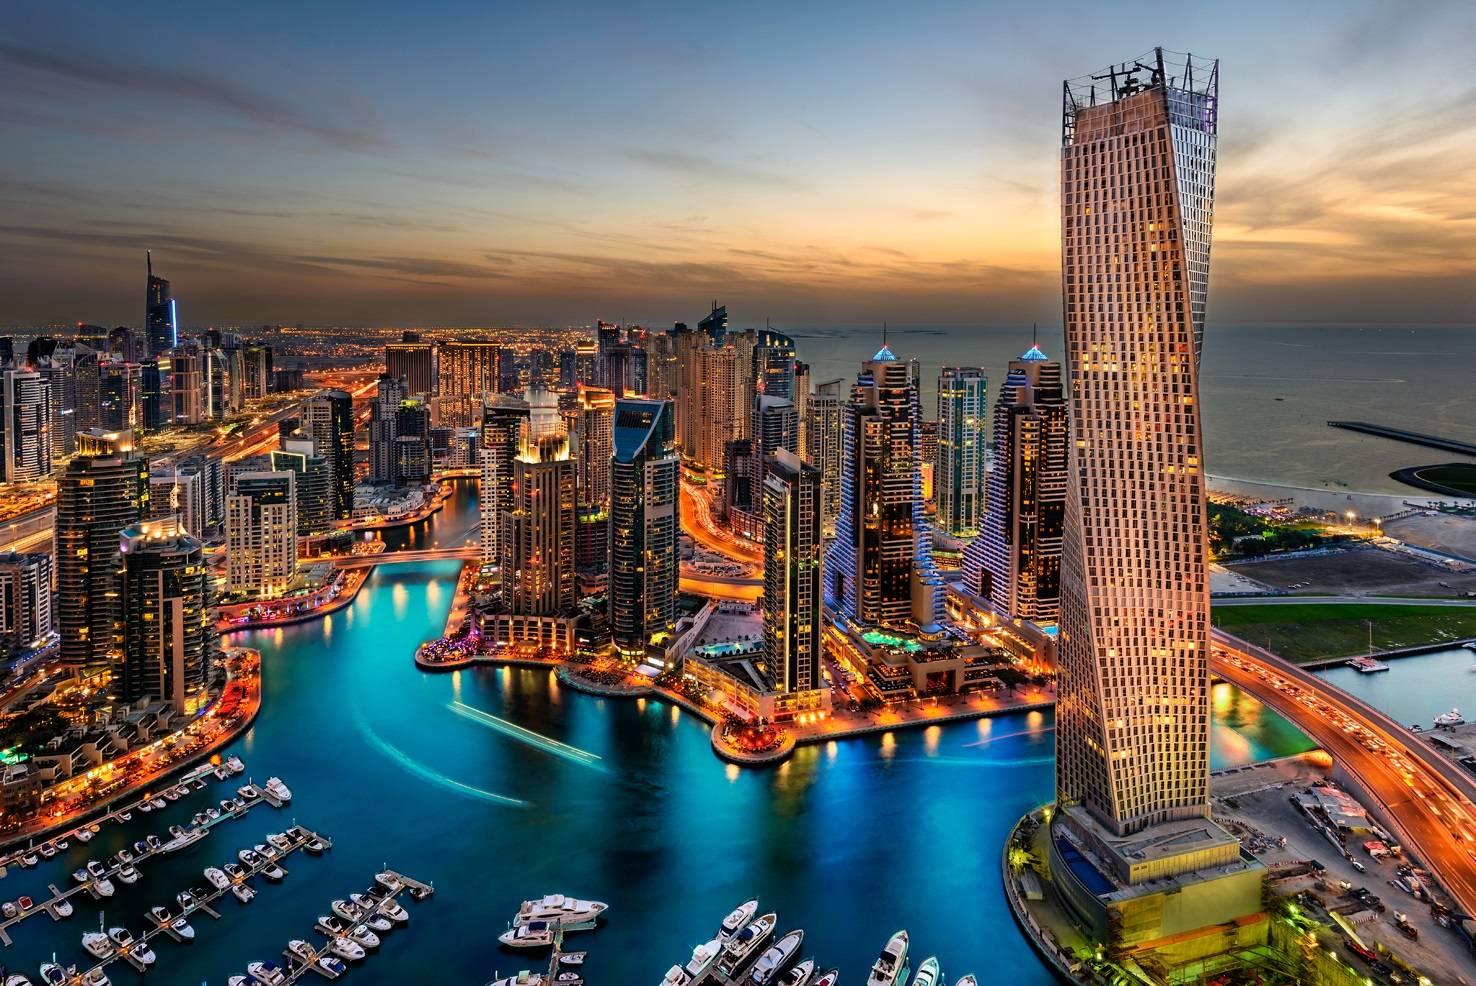 السياح الروس ينفقون في الإمارات مبالغ كبيرة تضاهي حجم التجارة بين البلدين